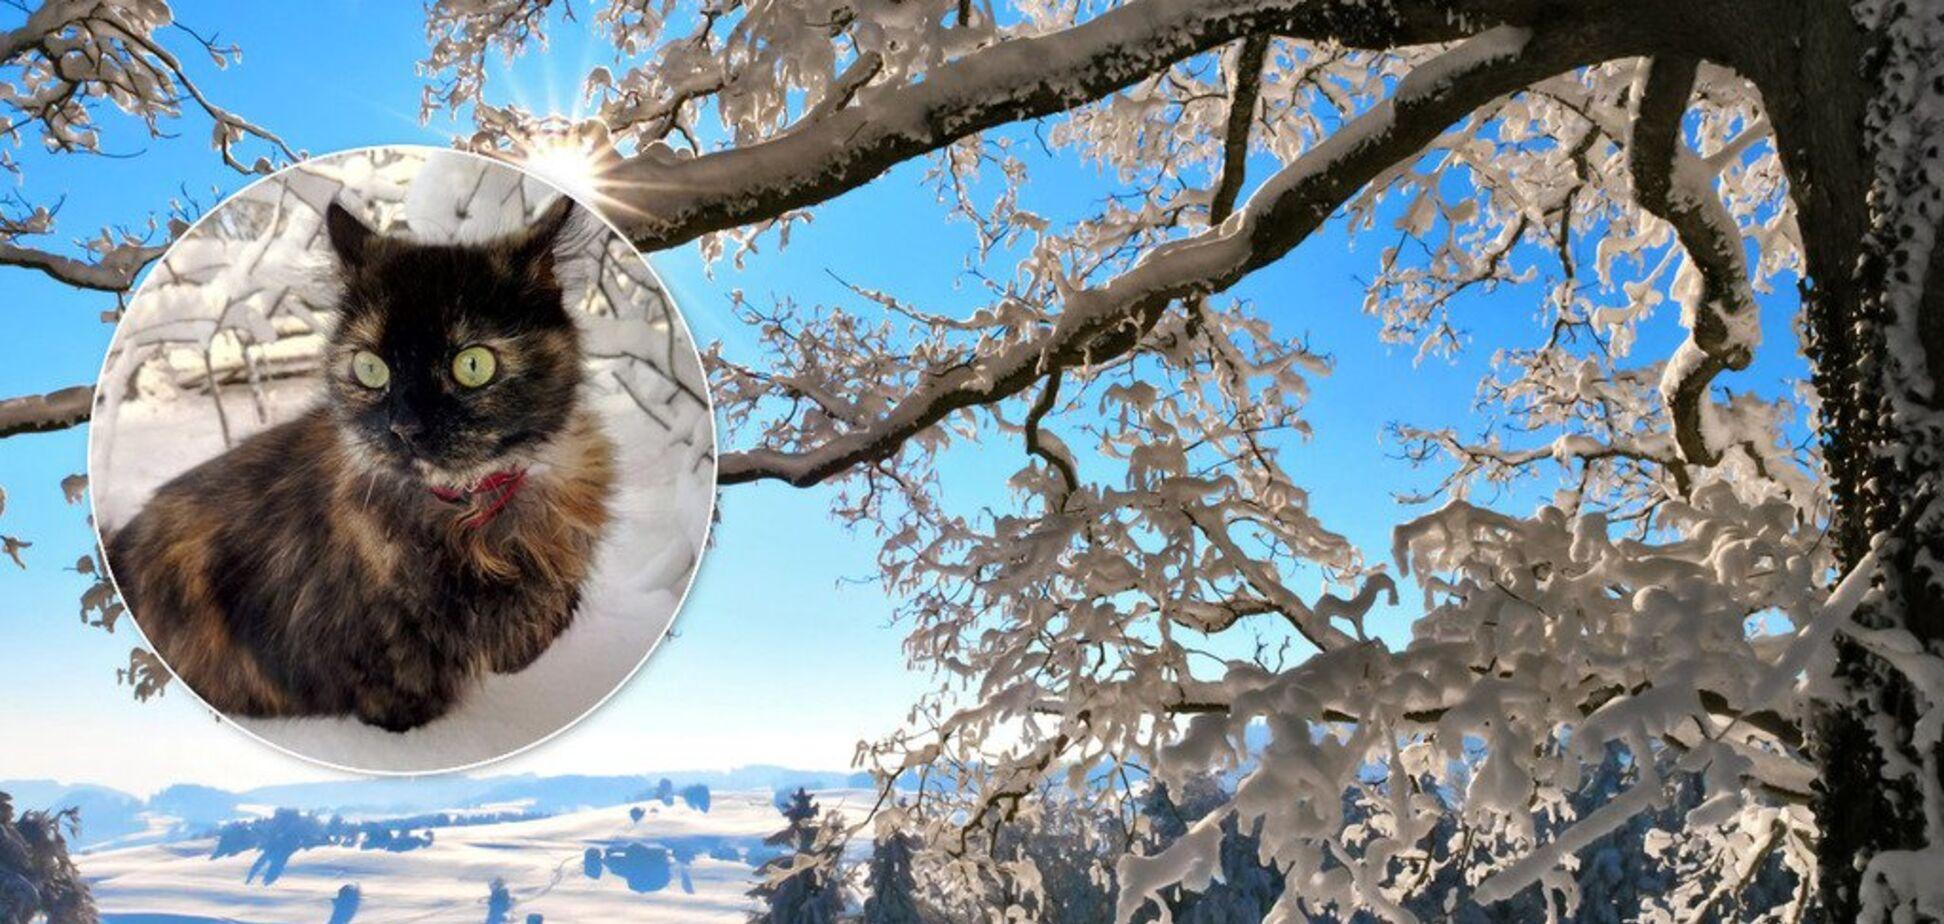 Мороз до -27: Гидрометцентр оценил скандальный прогноз погоды на январь